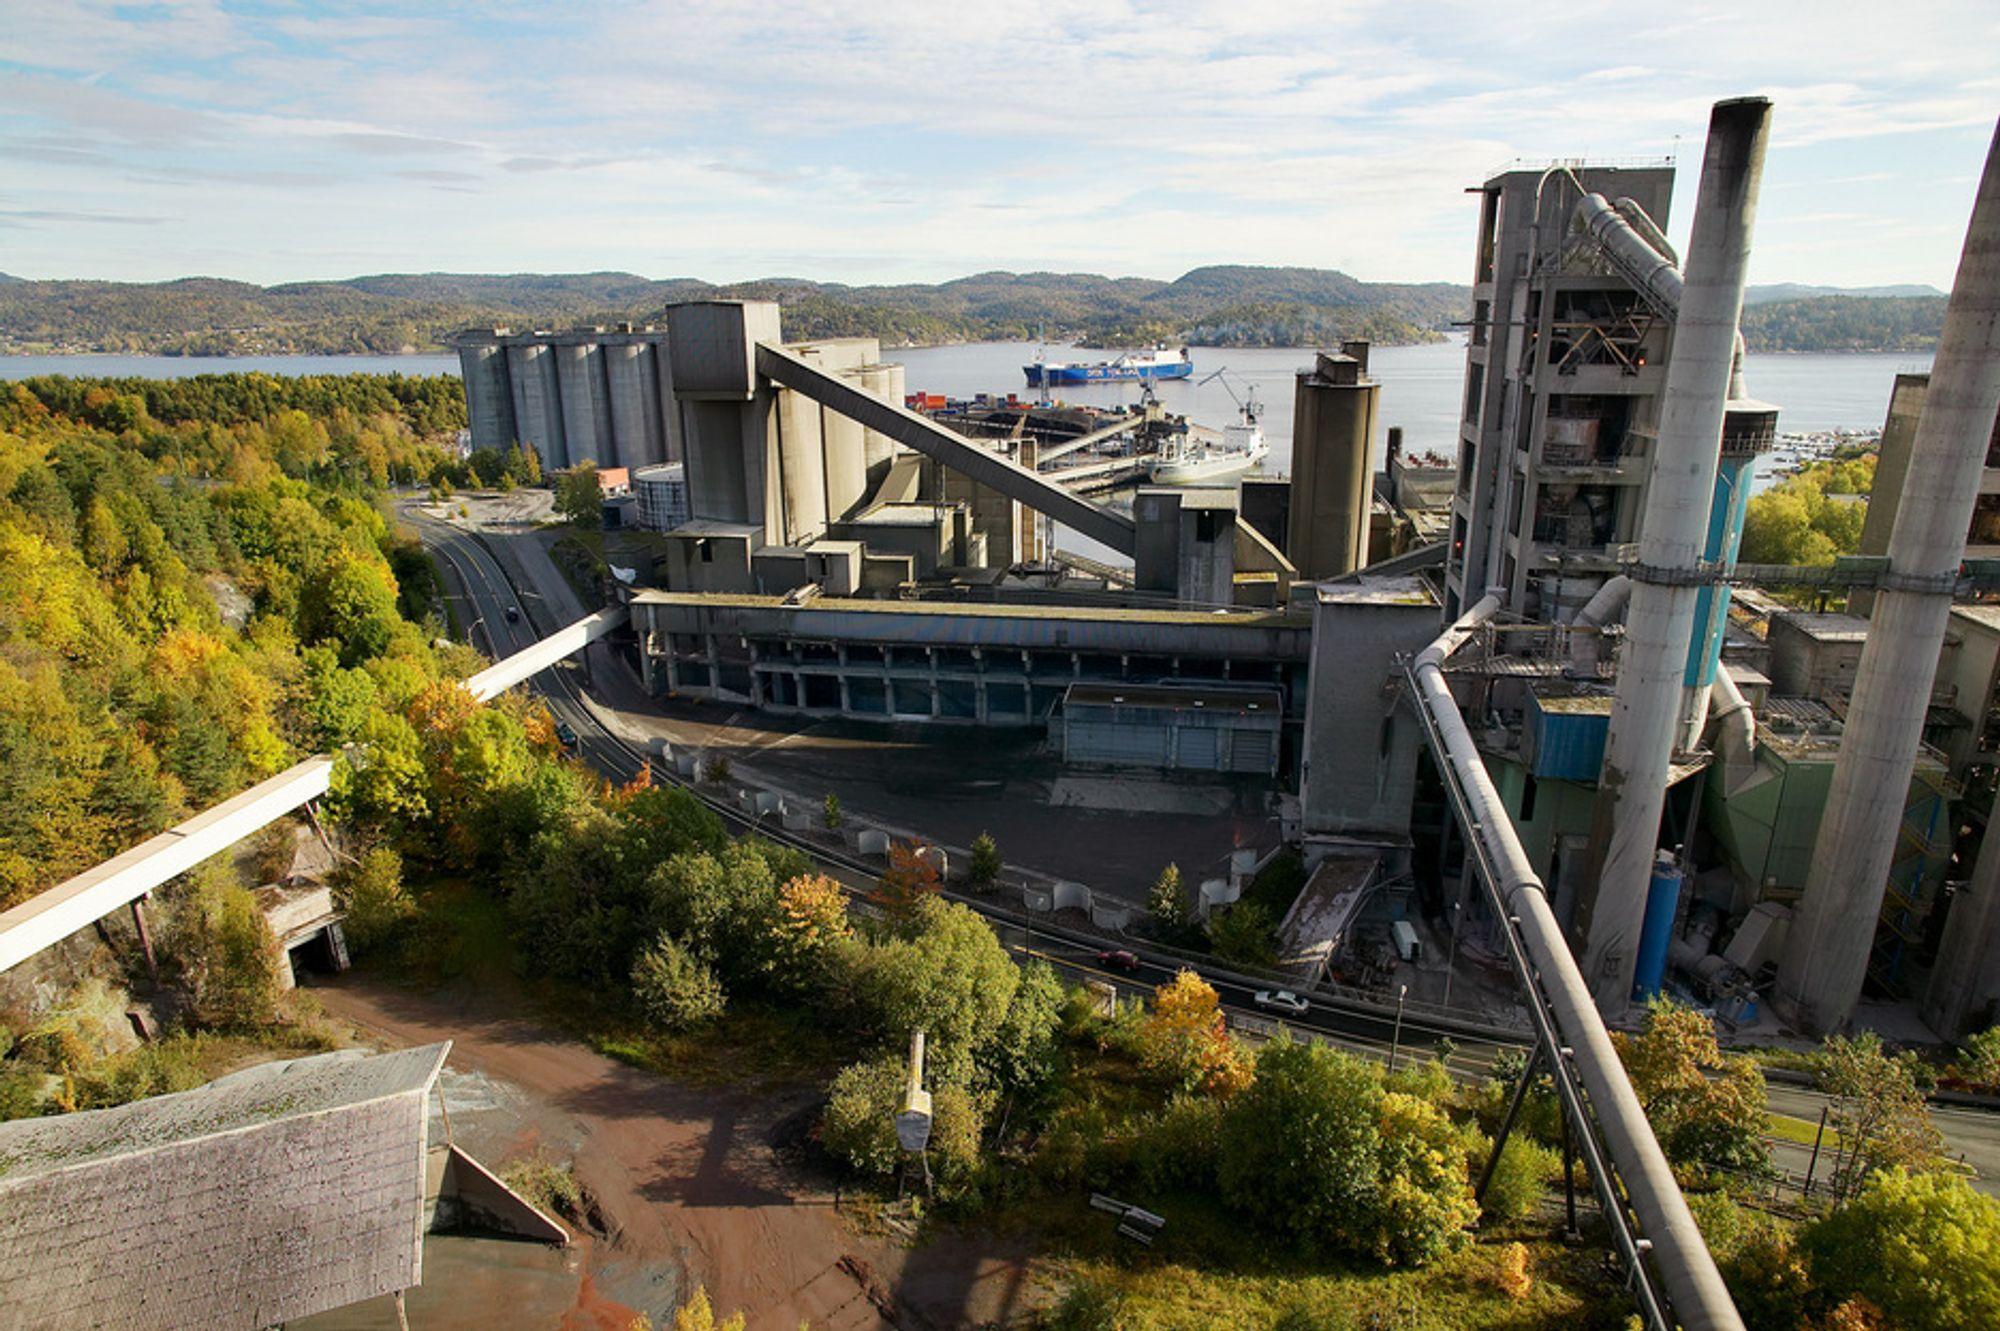 TESTER MER: Alstom vil teste to CO2-fangstteknologier ved Norcems sementfabrikk i Brevik. Fra før er også Aker Clean Carbon involvert. I høst avgjør Norcem om testsenteret blir bygget.